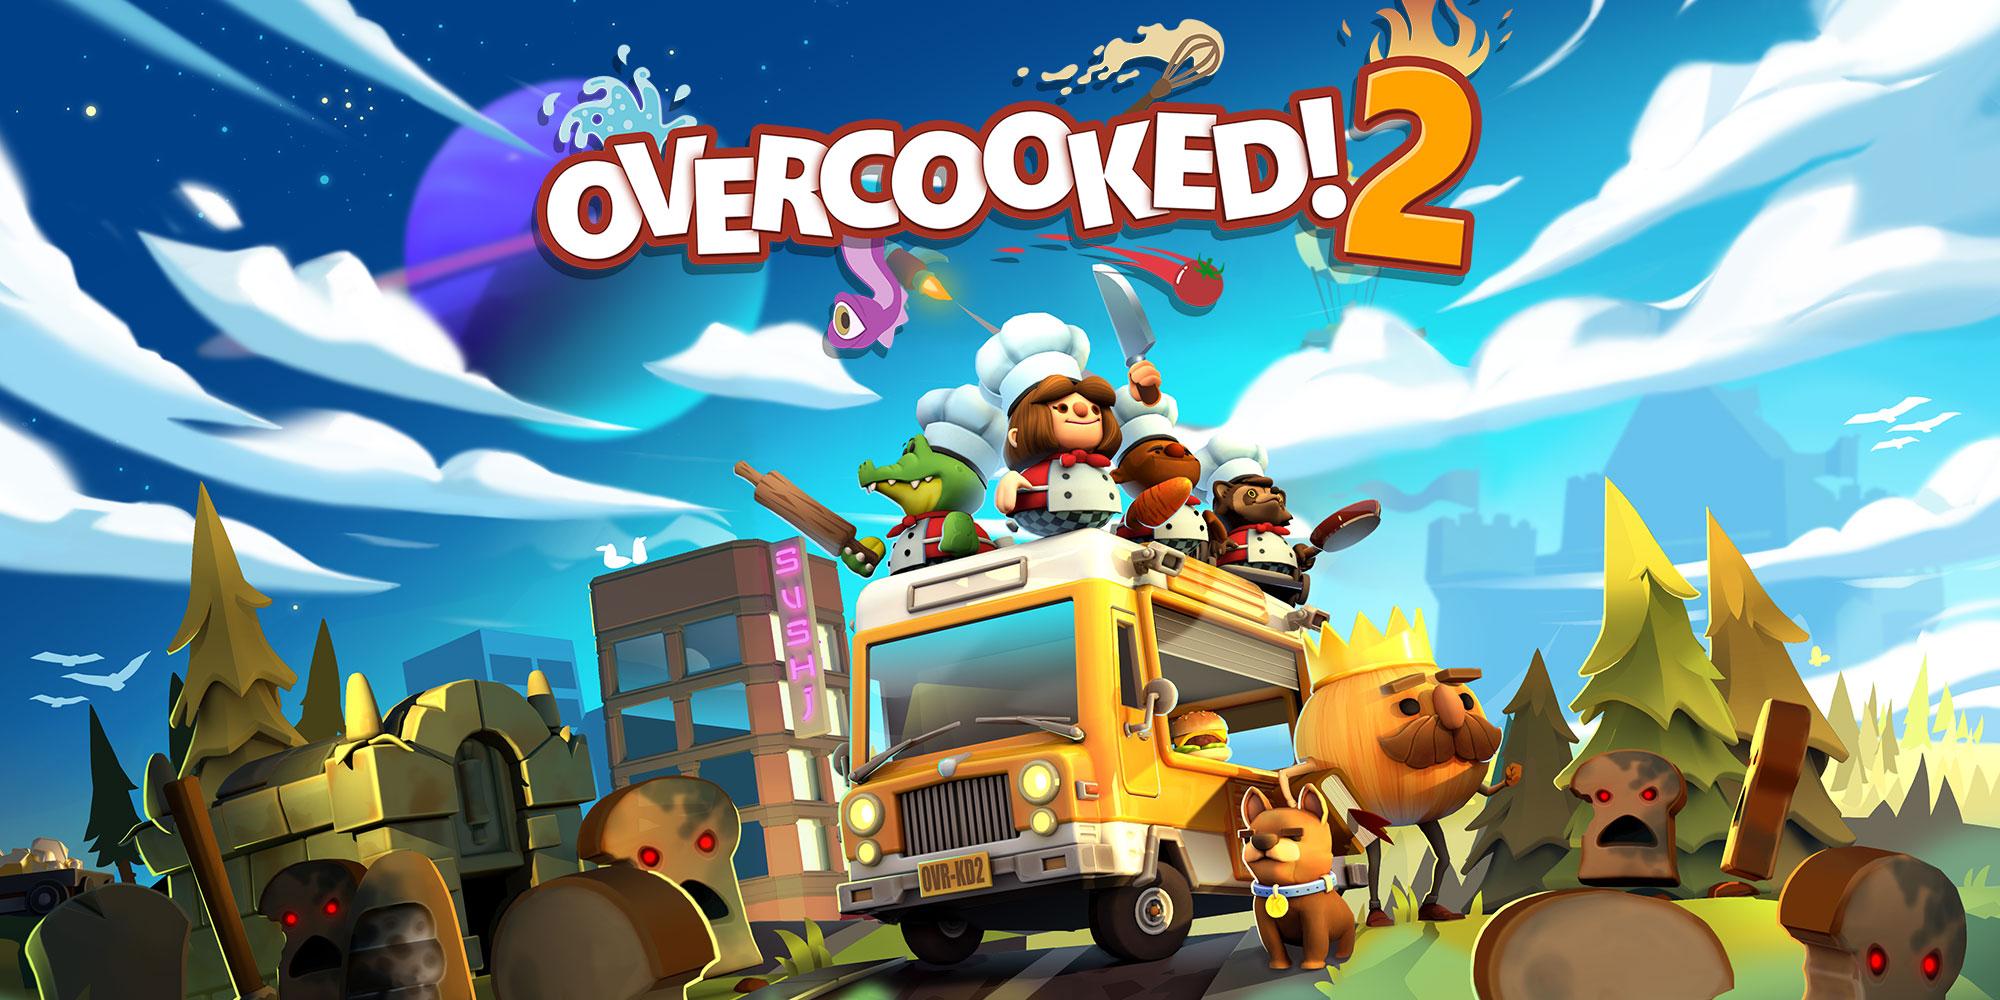 (Overcooked 2, Image Credit: Nintendo.fr)